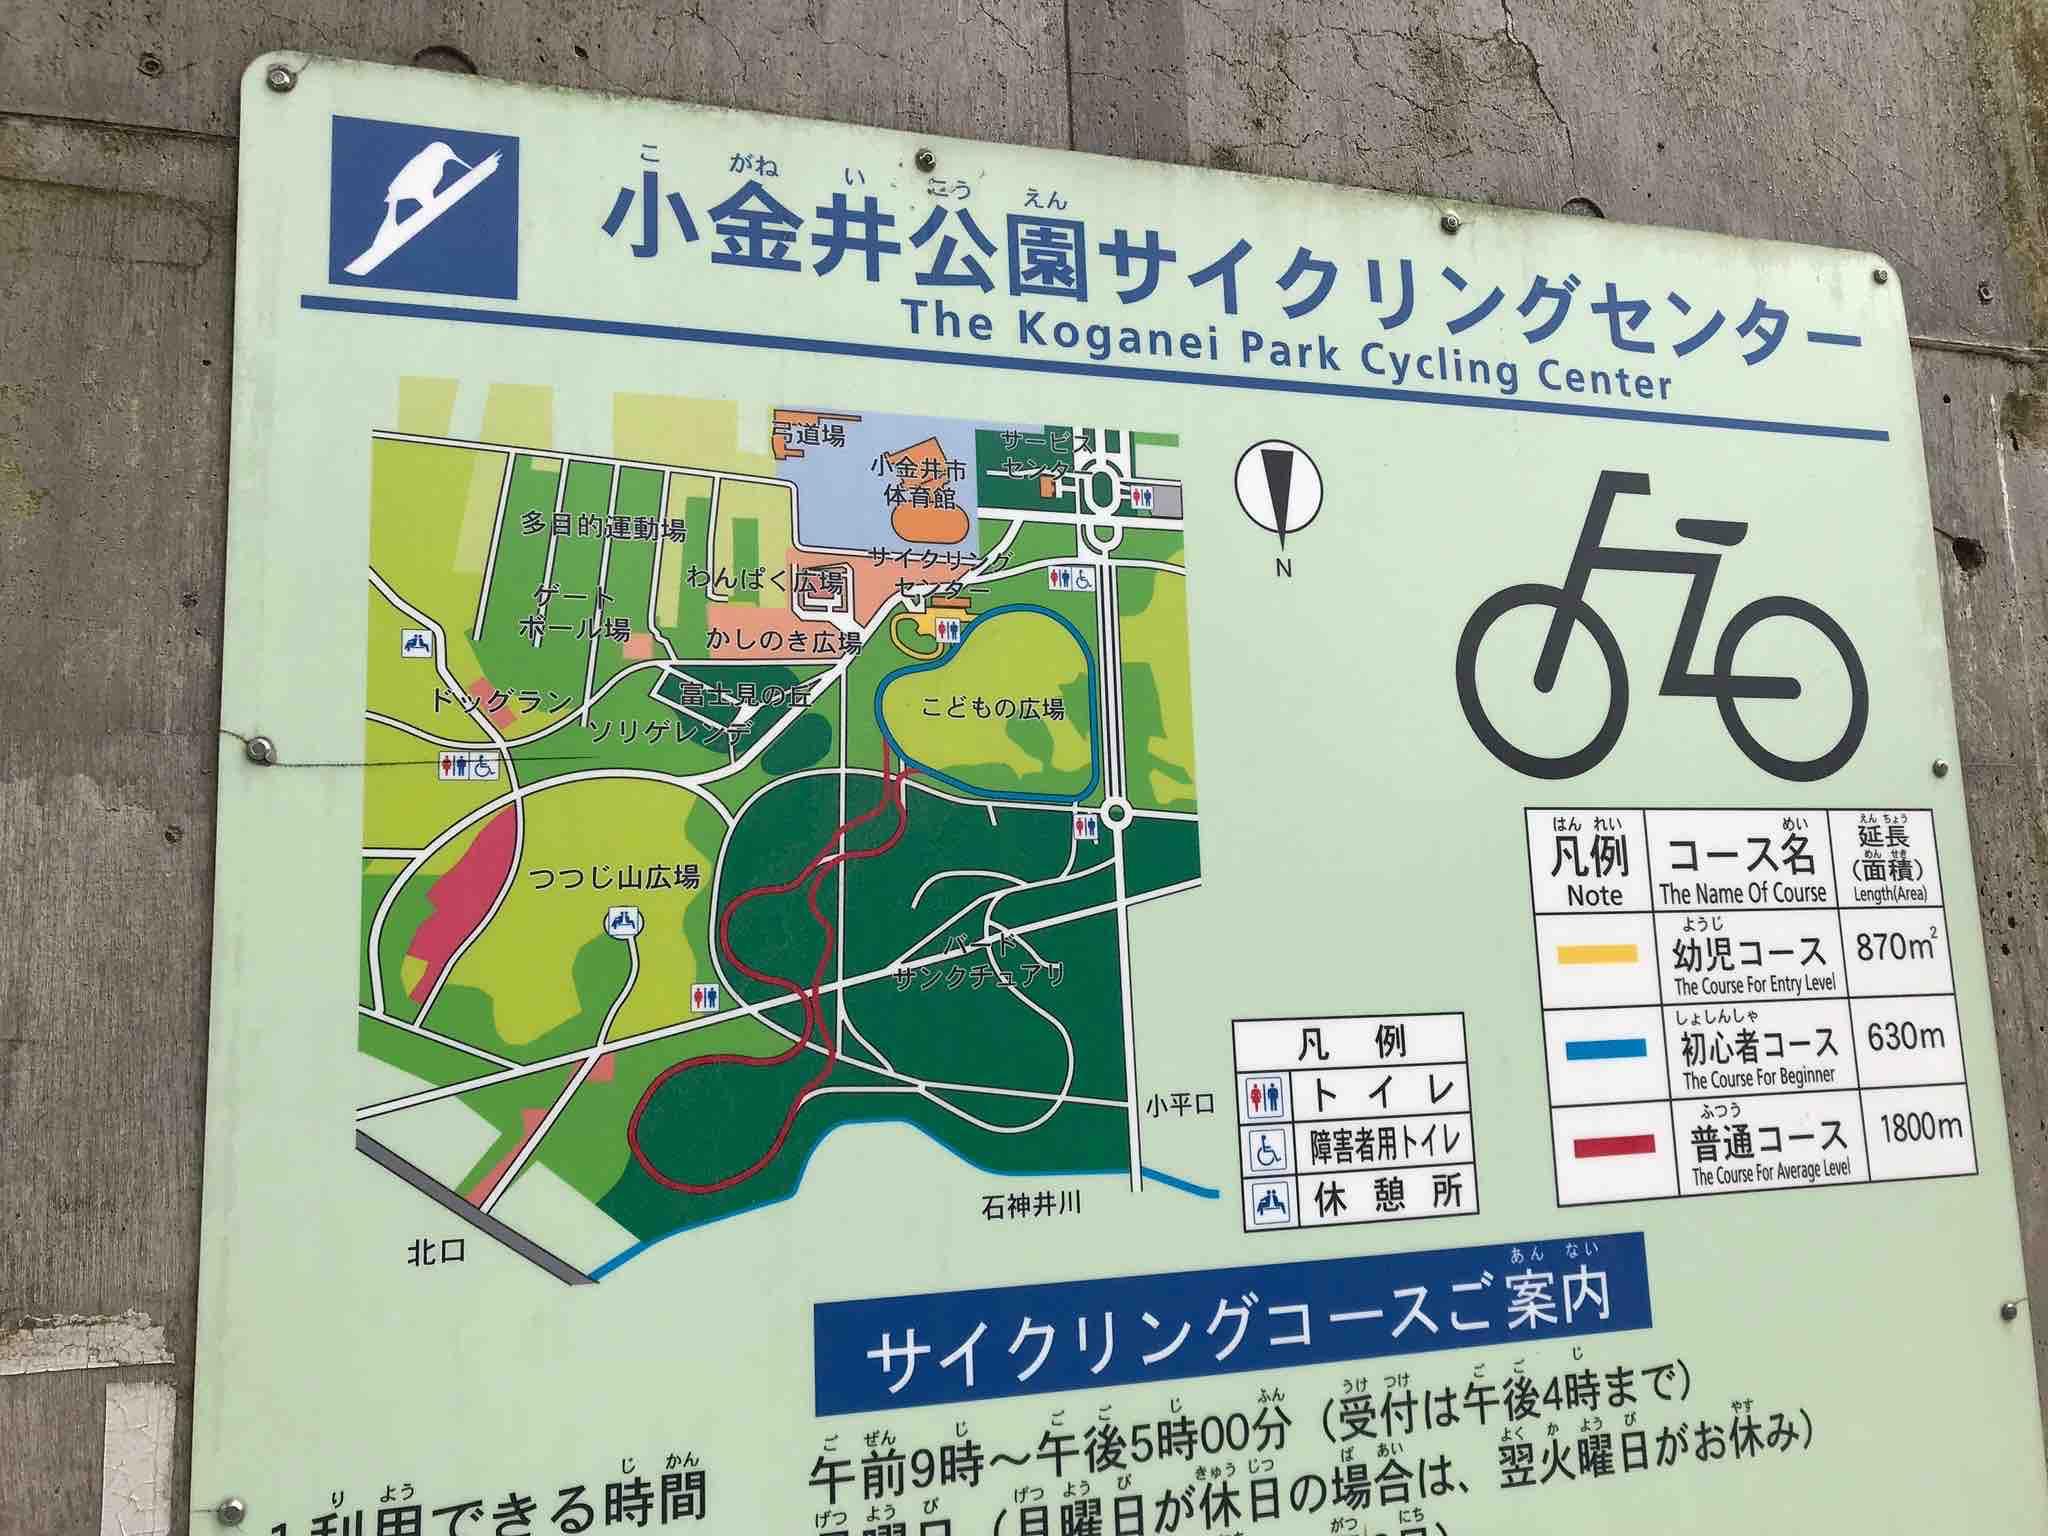 小金井公園サイクリングセンター